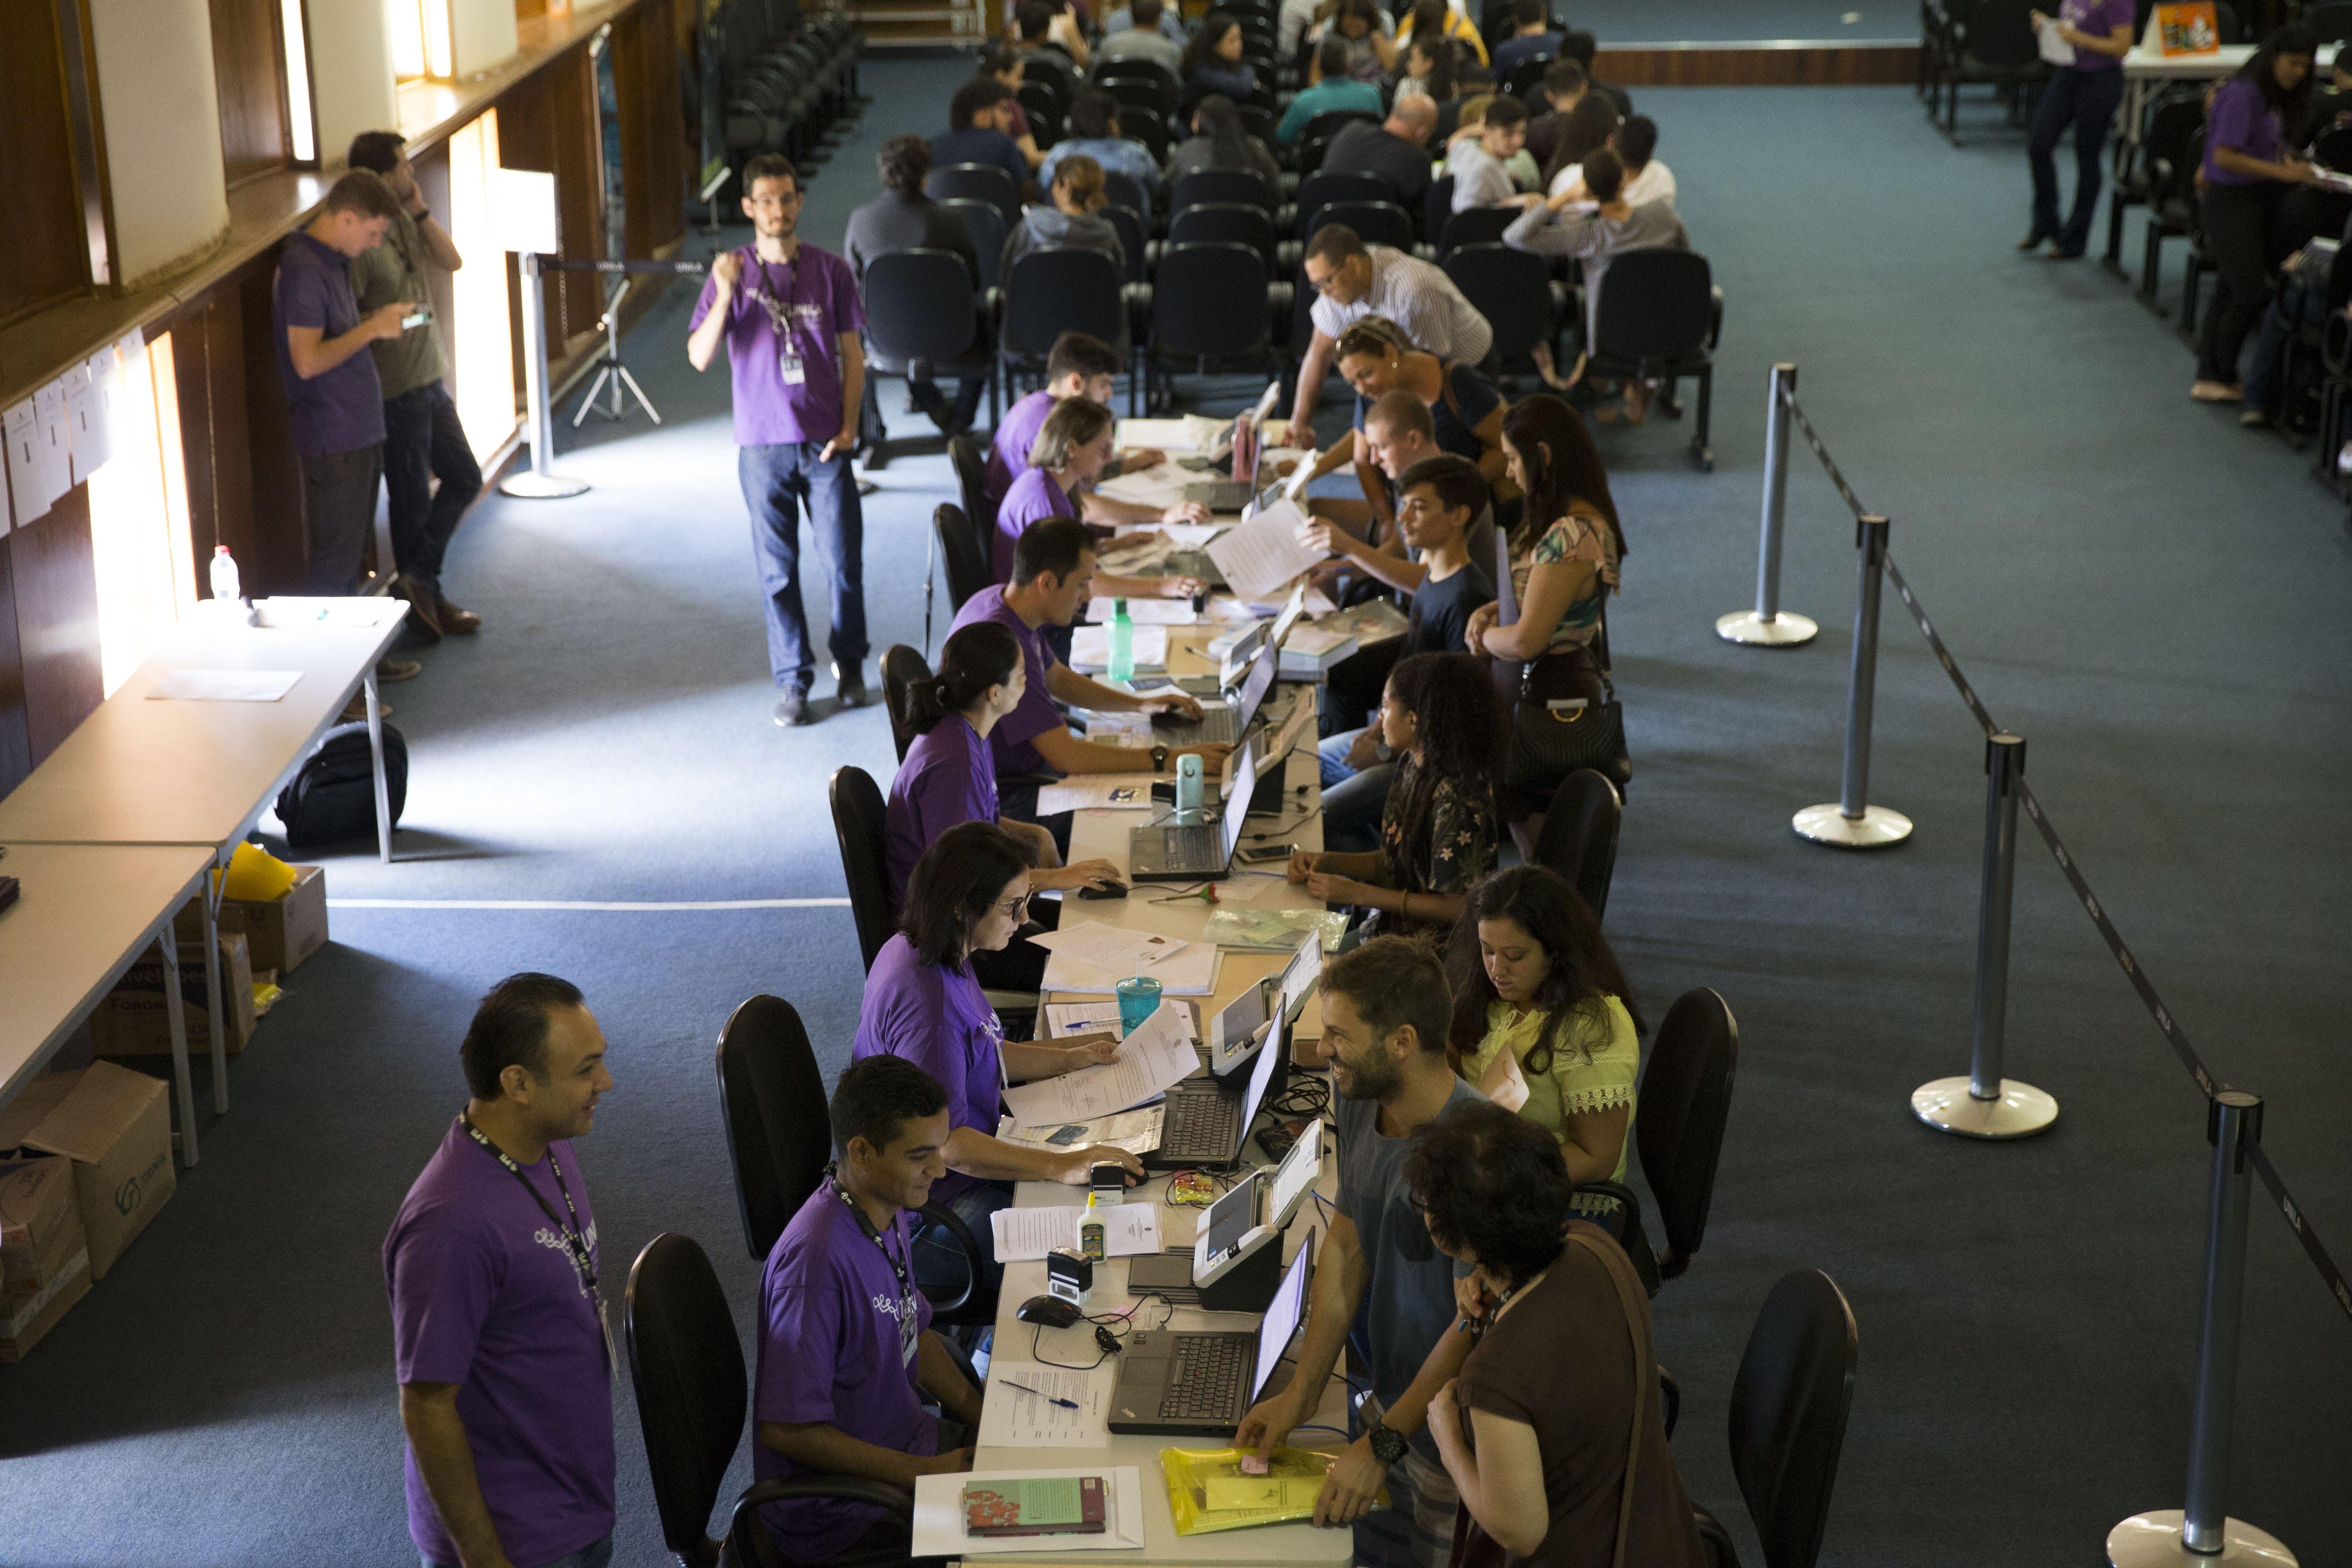 Servidores da PROGRAD e voluntários de outros setores atendem estudantes para o cadastro de documentos para matrícula